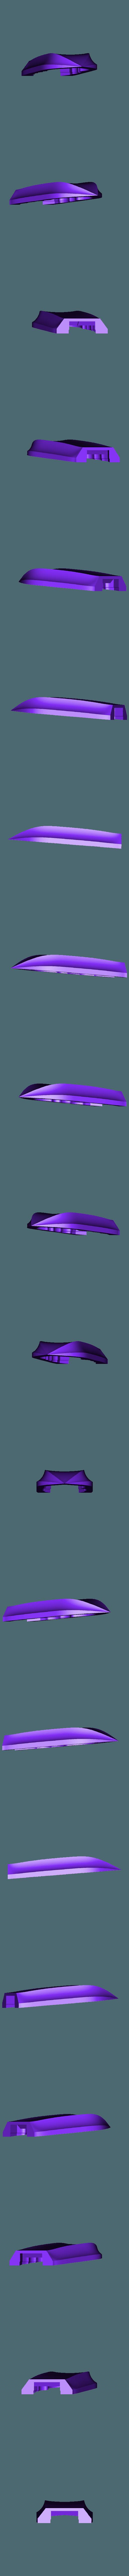 3_speedboat_vase_mode.stl Télécharger fichier STL gratuit Wind-Up Boat Dual Drive - sans vis - impression complète en 3d • Objet pour imprimante 3D, GreenDot